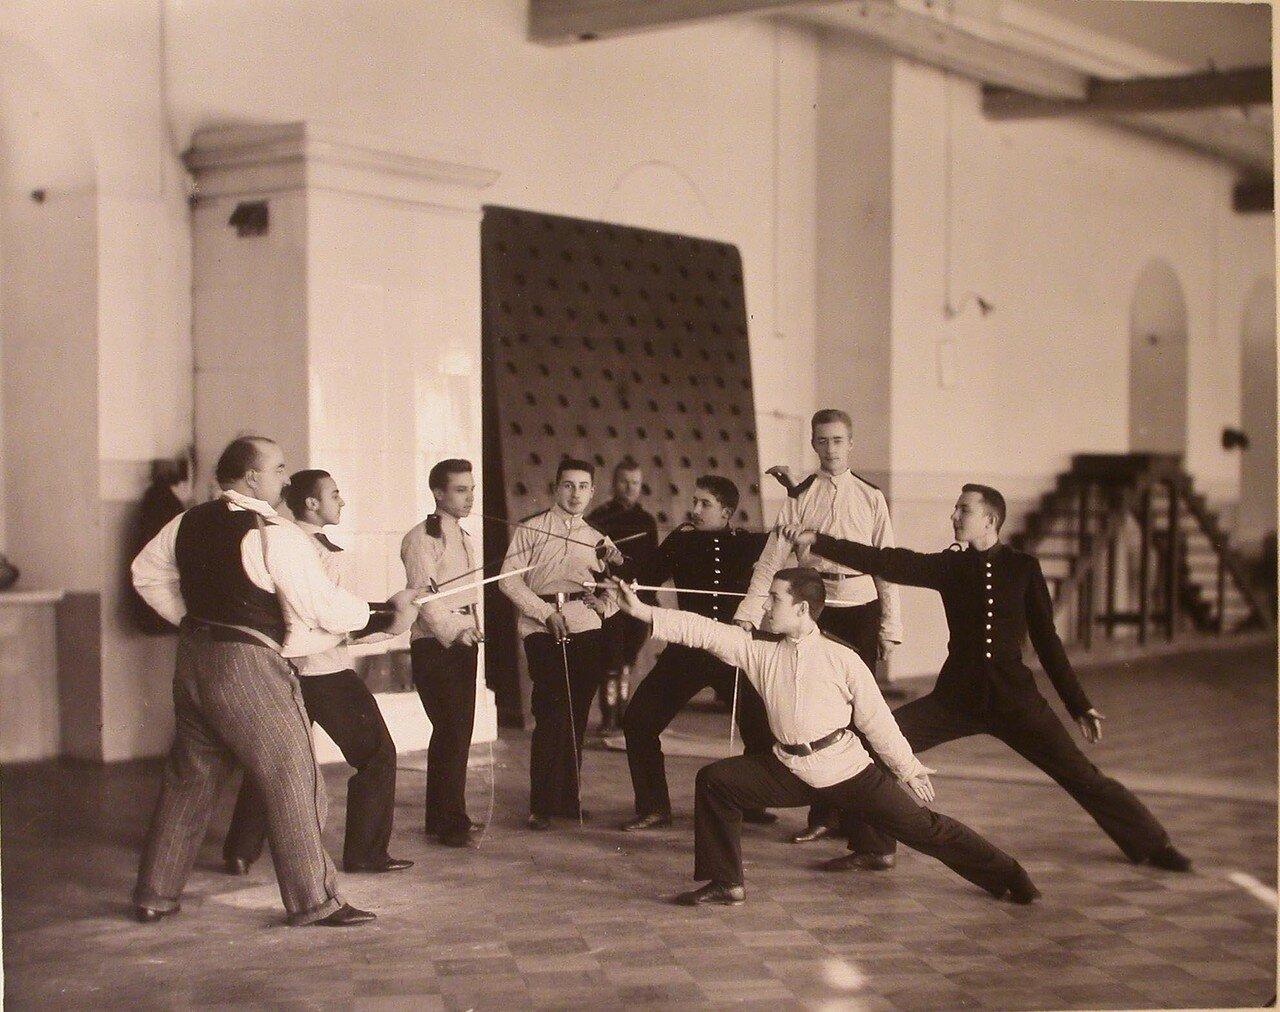 07. Группа воспитанников старшеклассников кадетского корпуса с преподавателем во время урока фехтования